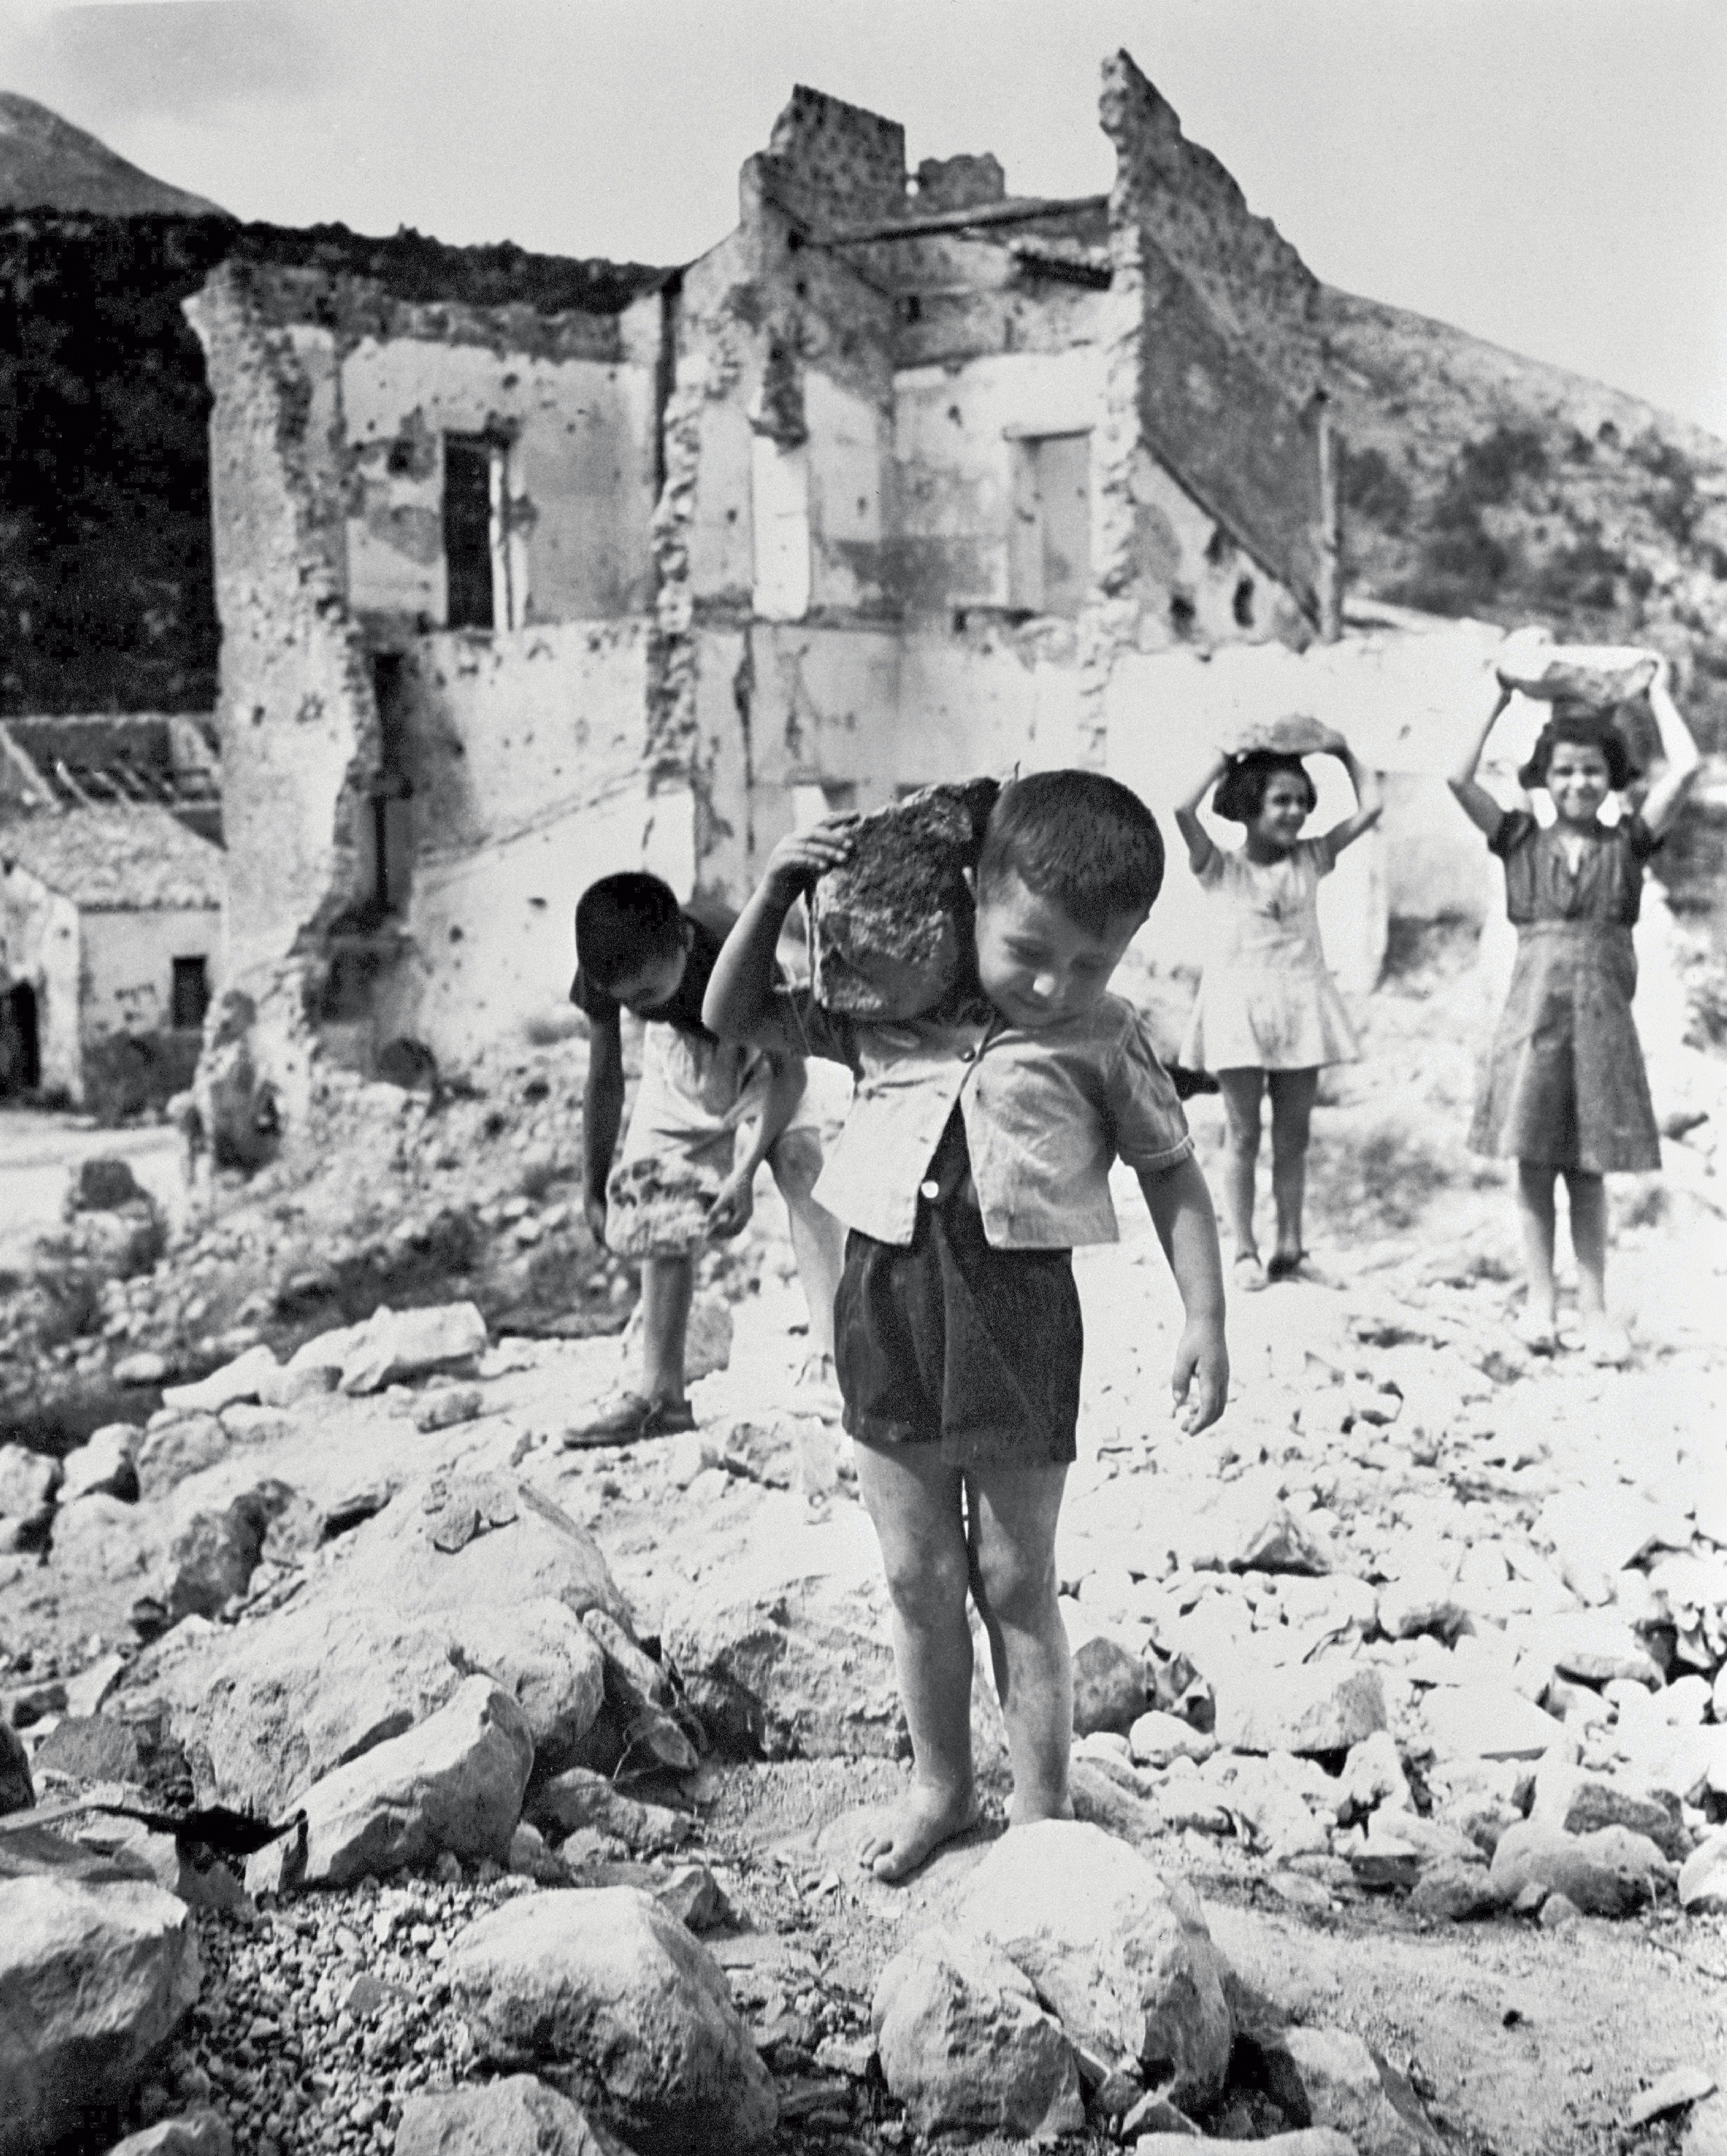 Italia, 1946: alcuni bambini, la maggior parte scalzi, trasportano sassi da un edificio distrutto dalla guerra,  per aiutare a ricostruire la loro città.